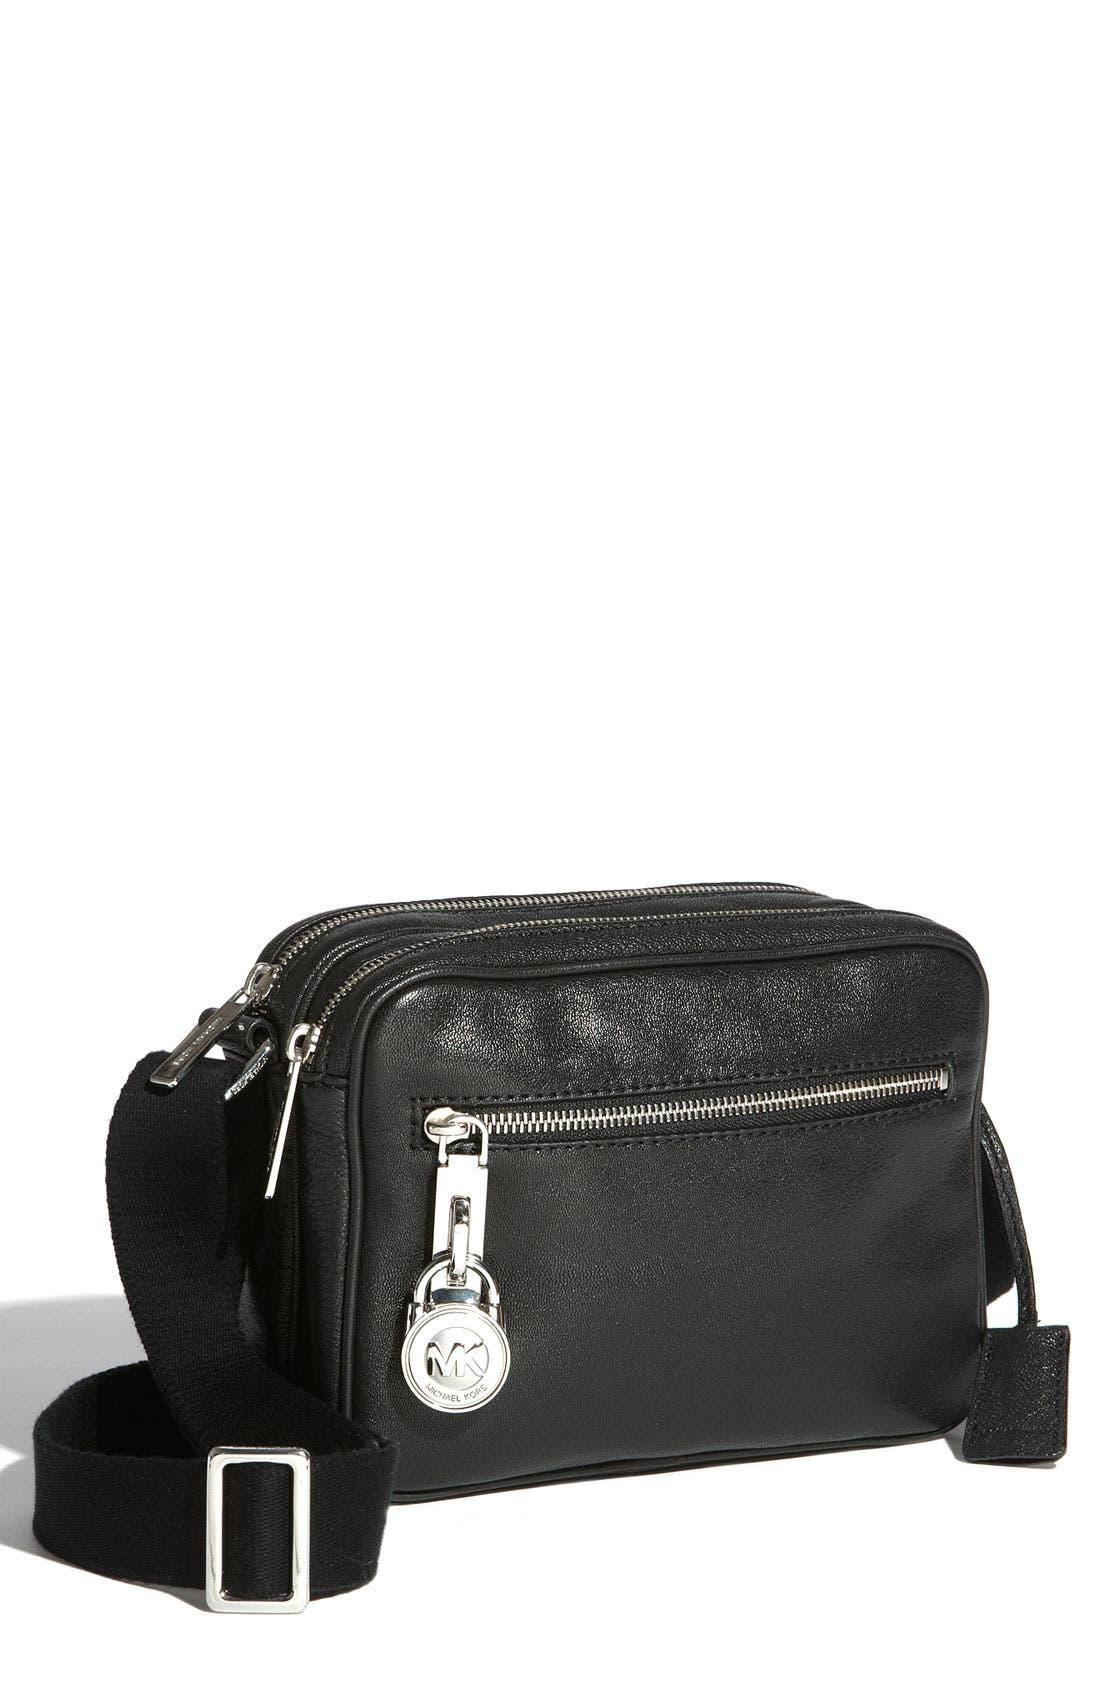 Main Image - MICHAEL Michael Kors 'Flight' Crossbody Bag